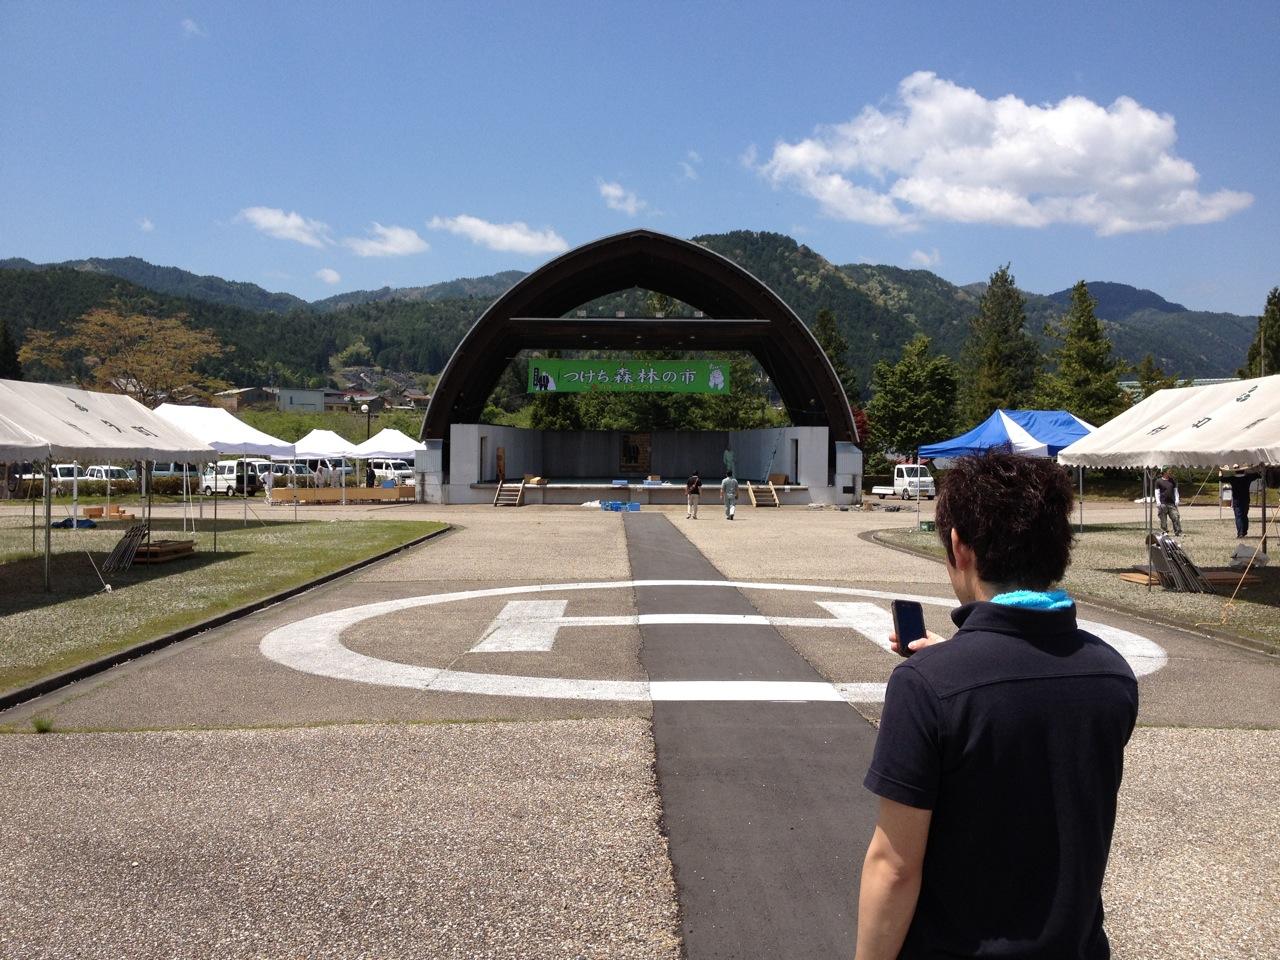 2014「つけち森林の市」ツナガルベンチ・イベント終了!祝日本一!!_a0299898_1647826.jpg